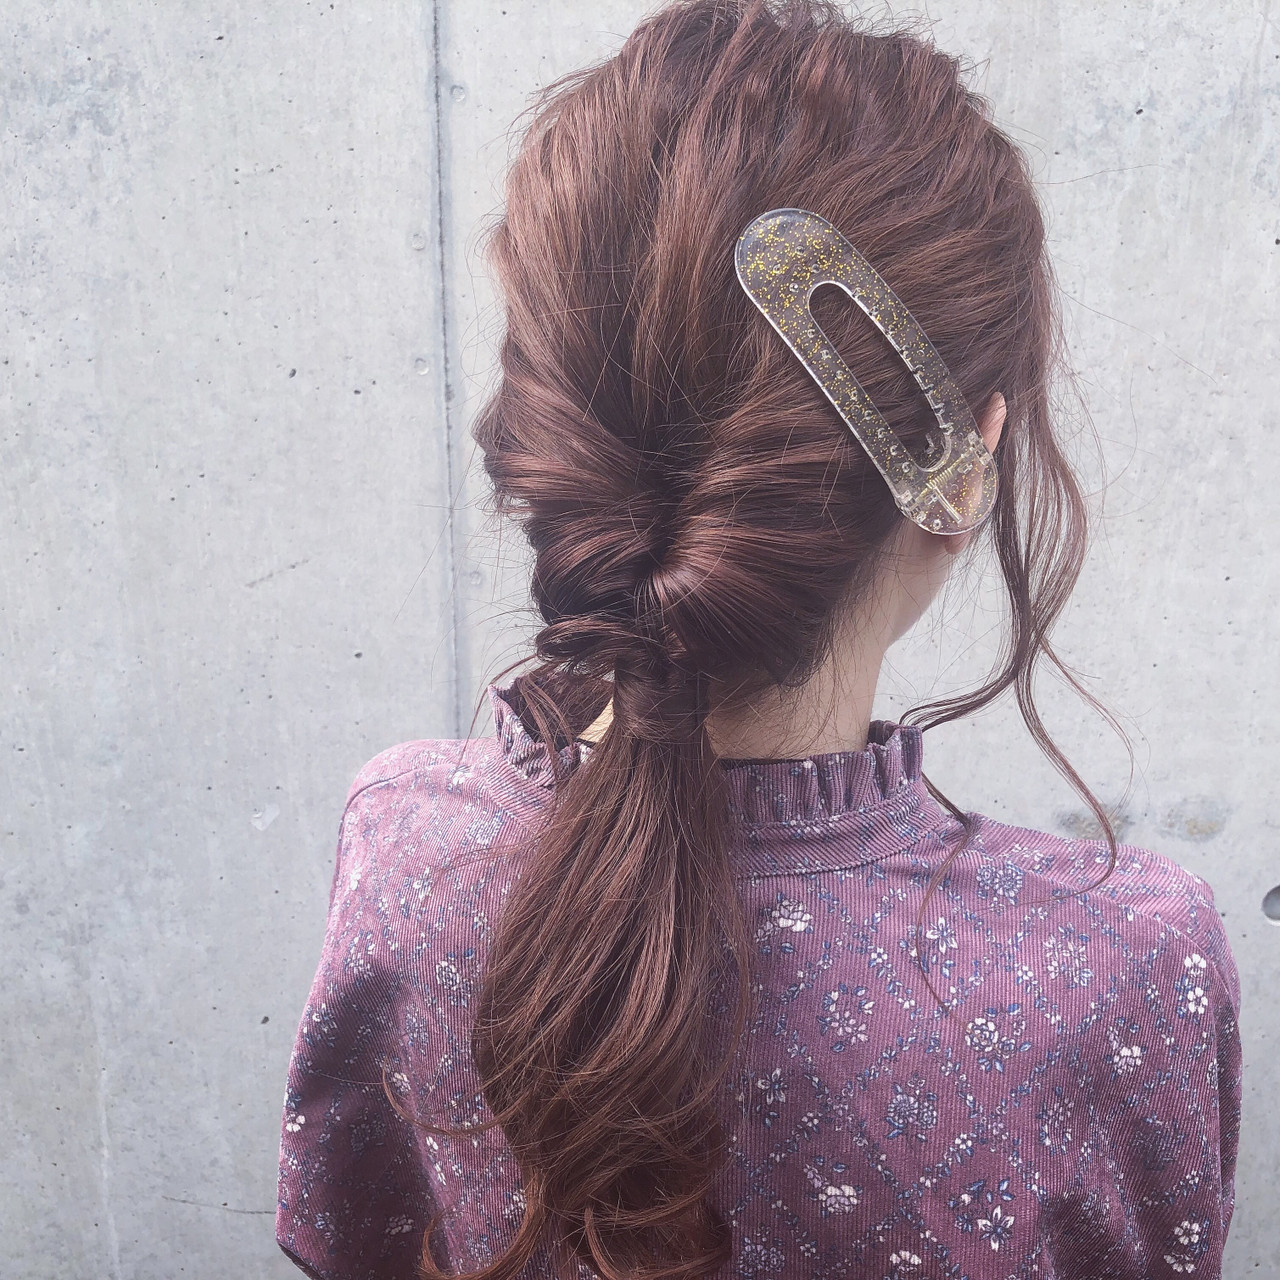 アンニュイほつれヘア ヘアアレンジ ロング 簡単ヘアアレンジ ヘアスタイルや髪型の写真・画像 | Daiki Yamashita / vicca